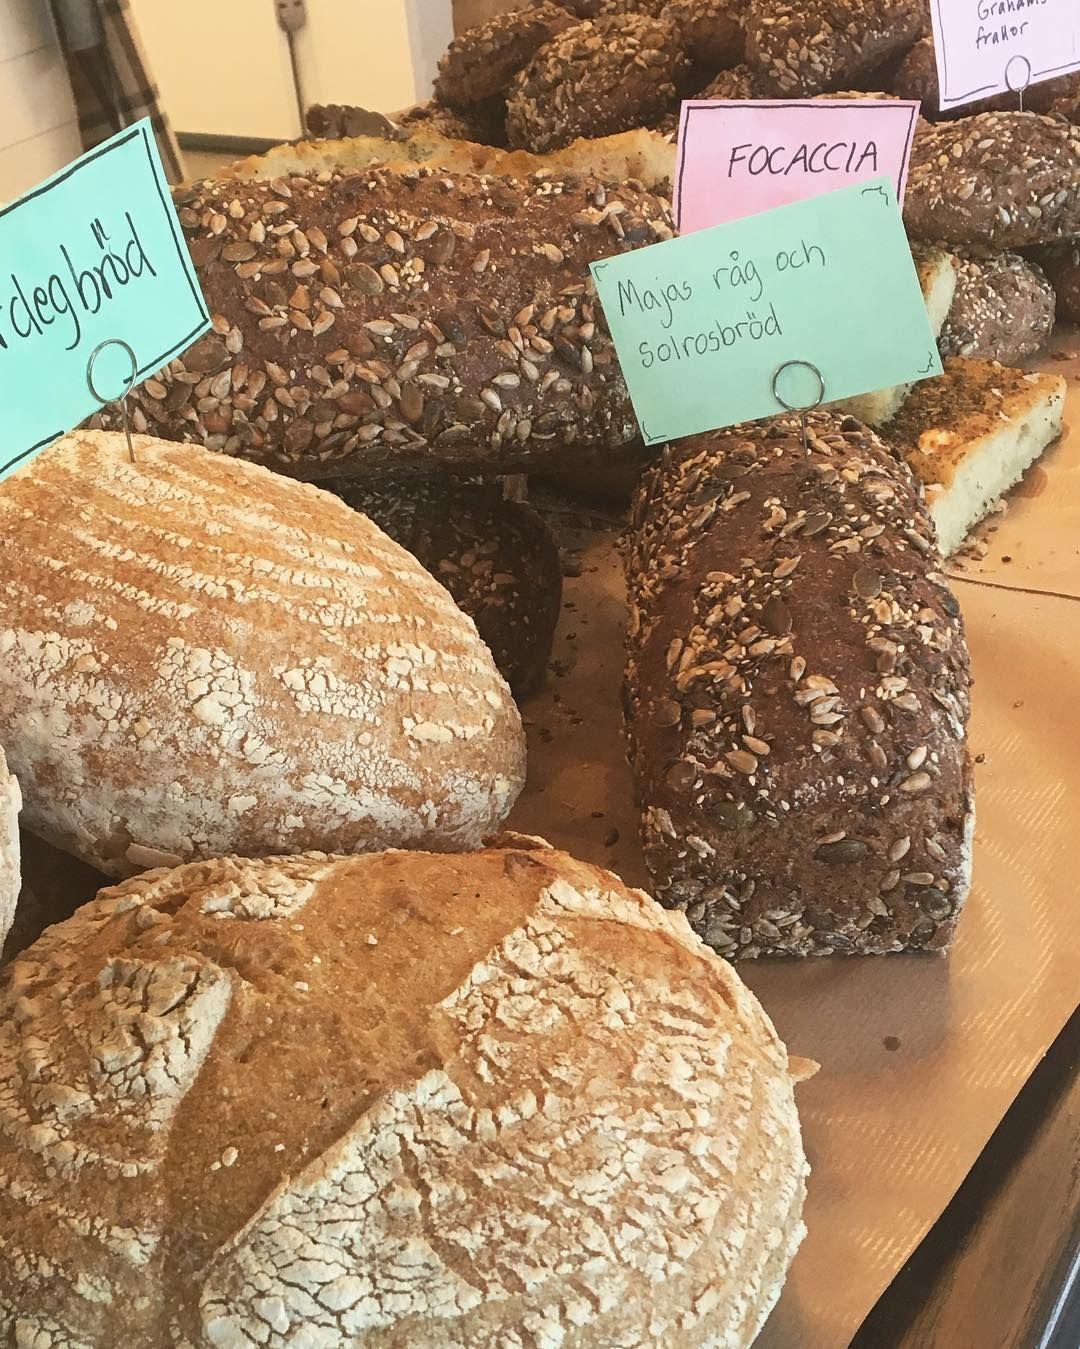 Lördagsöppet hos sockermajas mellan 9.00-13.00! Varmt välkomna#sockermajas #torslanda #bröd #bakery #trevlighelg